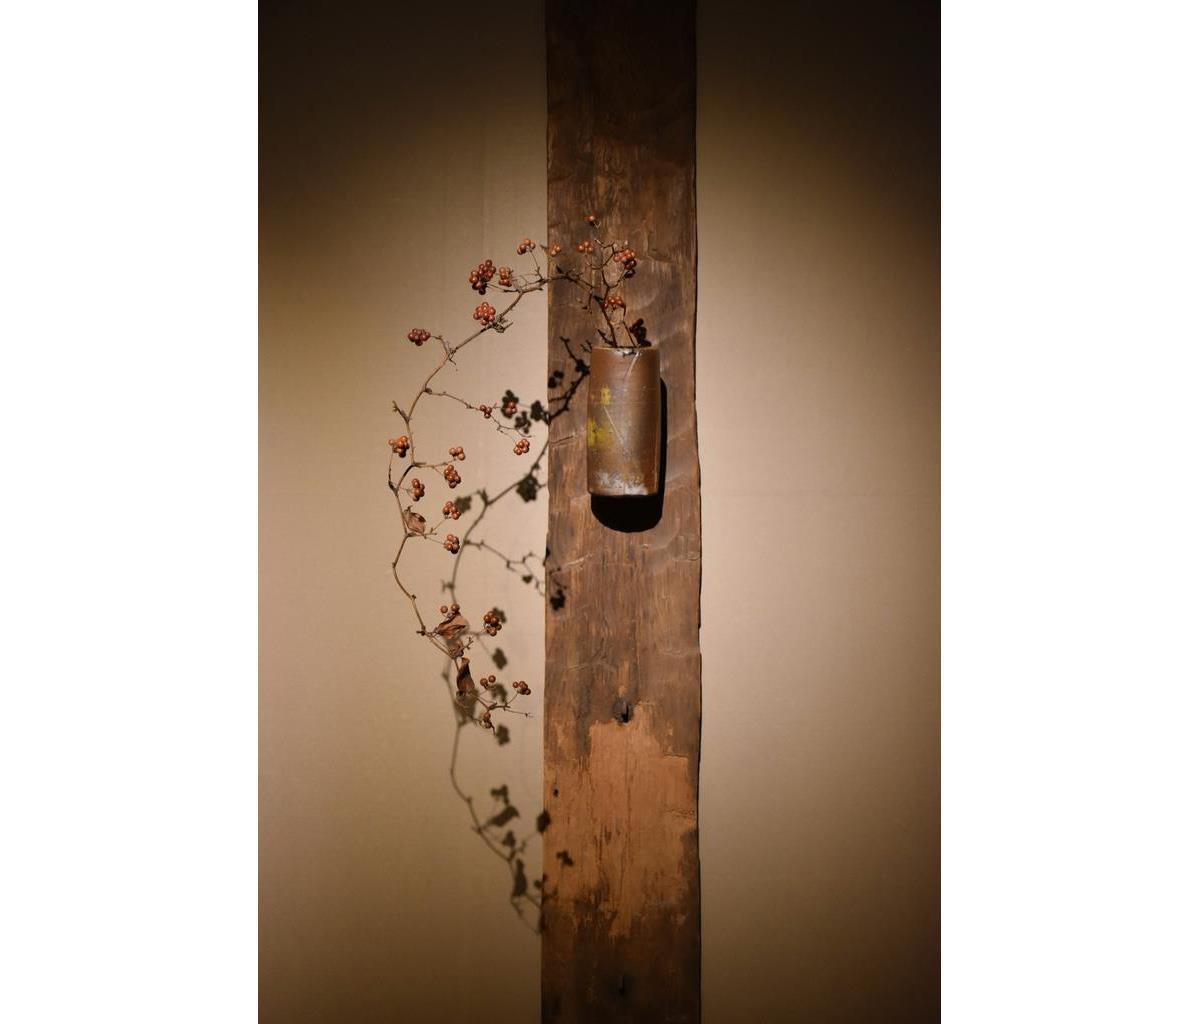 「備前筒花入」(昭和32年)。益田鈍翁旧蔵の東大寺古材と取り合わせた展示